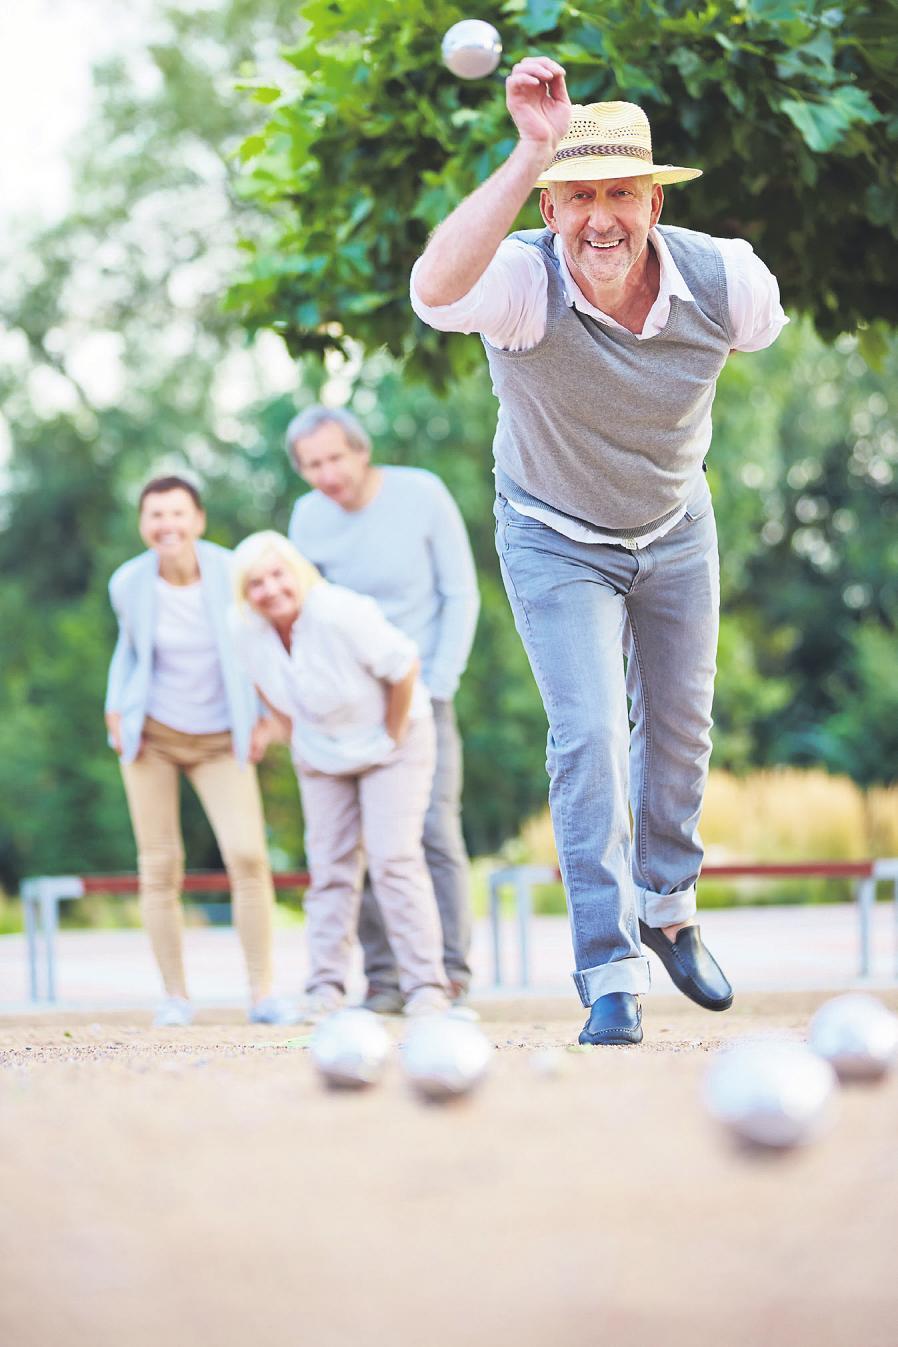 Gemeinsame Aktivität mit anderen Bewohnern ist einer der großen Vorteile, den das Leben in einer Seniorenresidenz mit sich bringt Bild: Robert Kneschke/stock.adobe.com